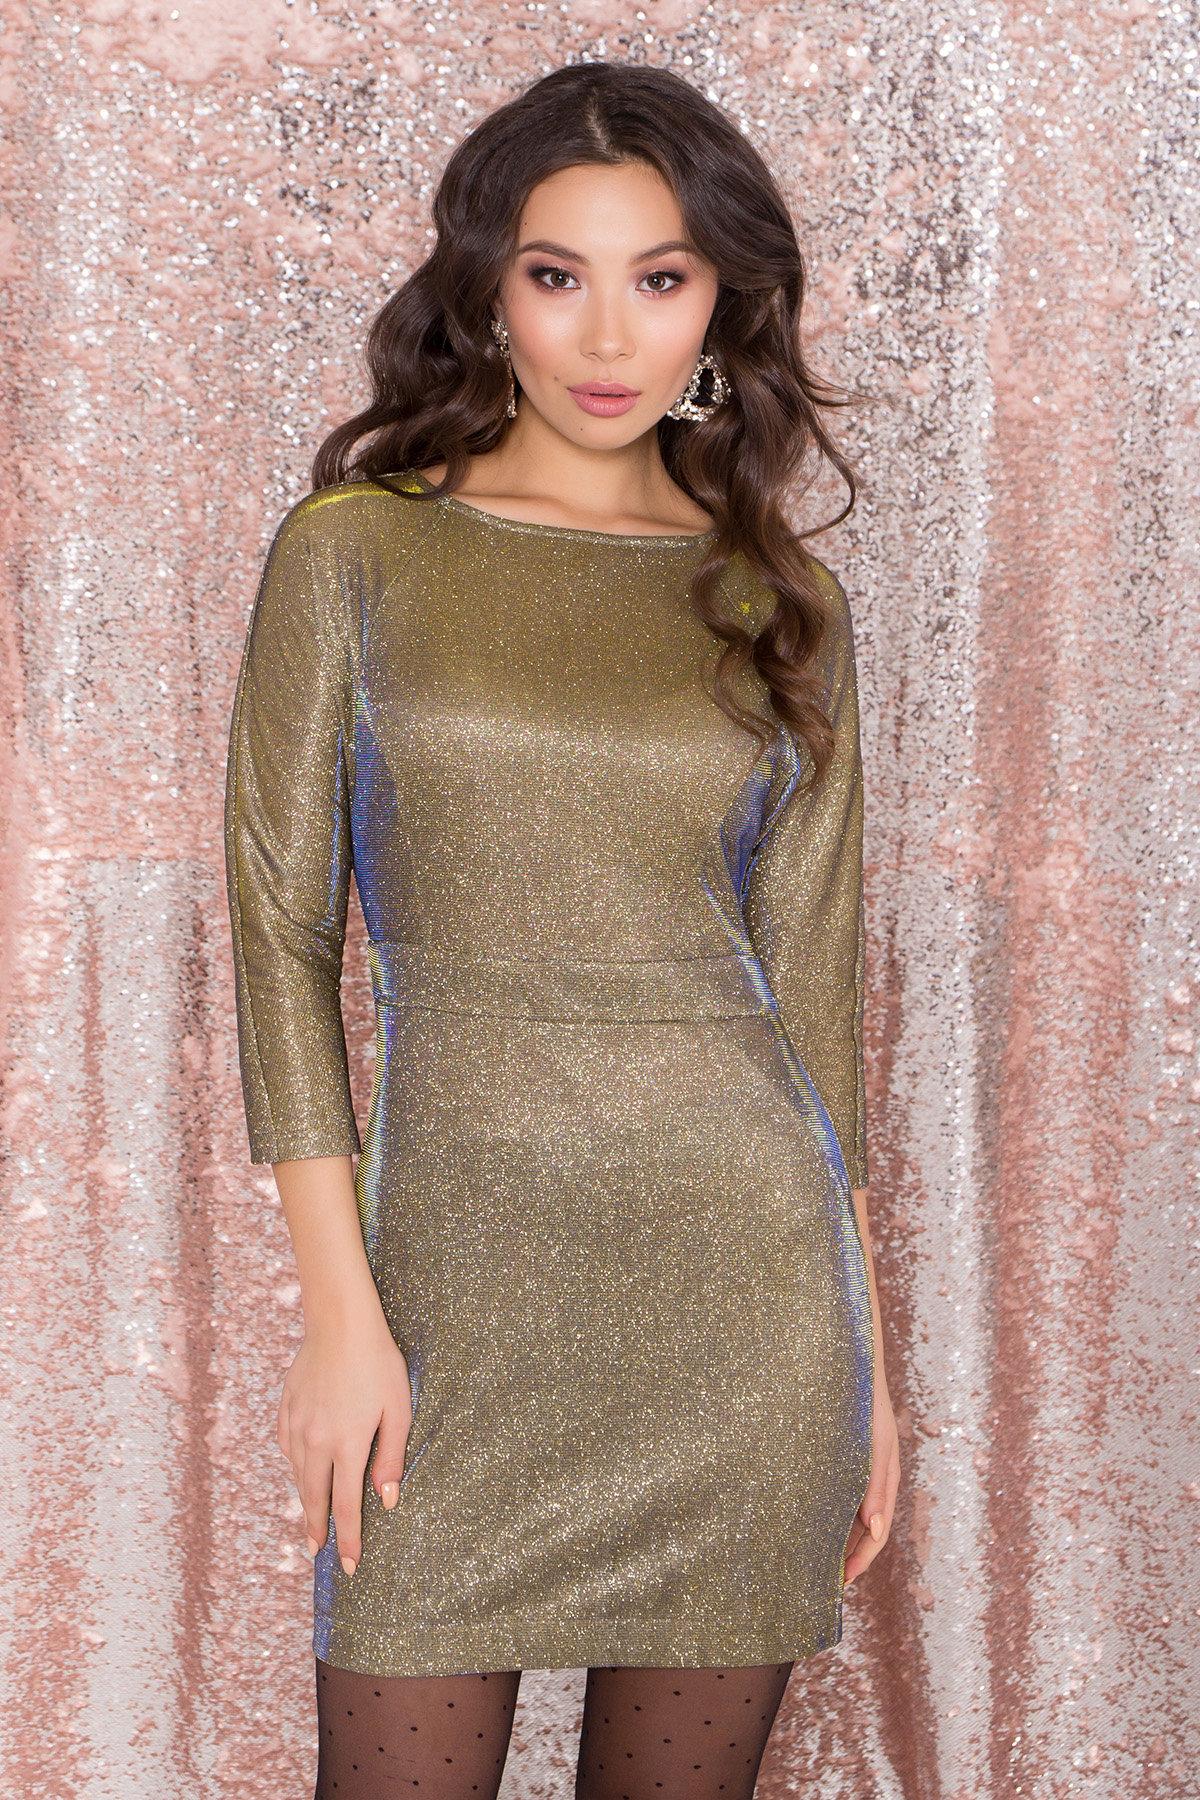 Платье-хамелеон из трикотажа с люрексом Инглот 8428 АРТ. 45009 Цвет: Золото/электрик - фото 3, интернет магазин tm-modus.ru